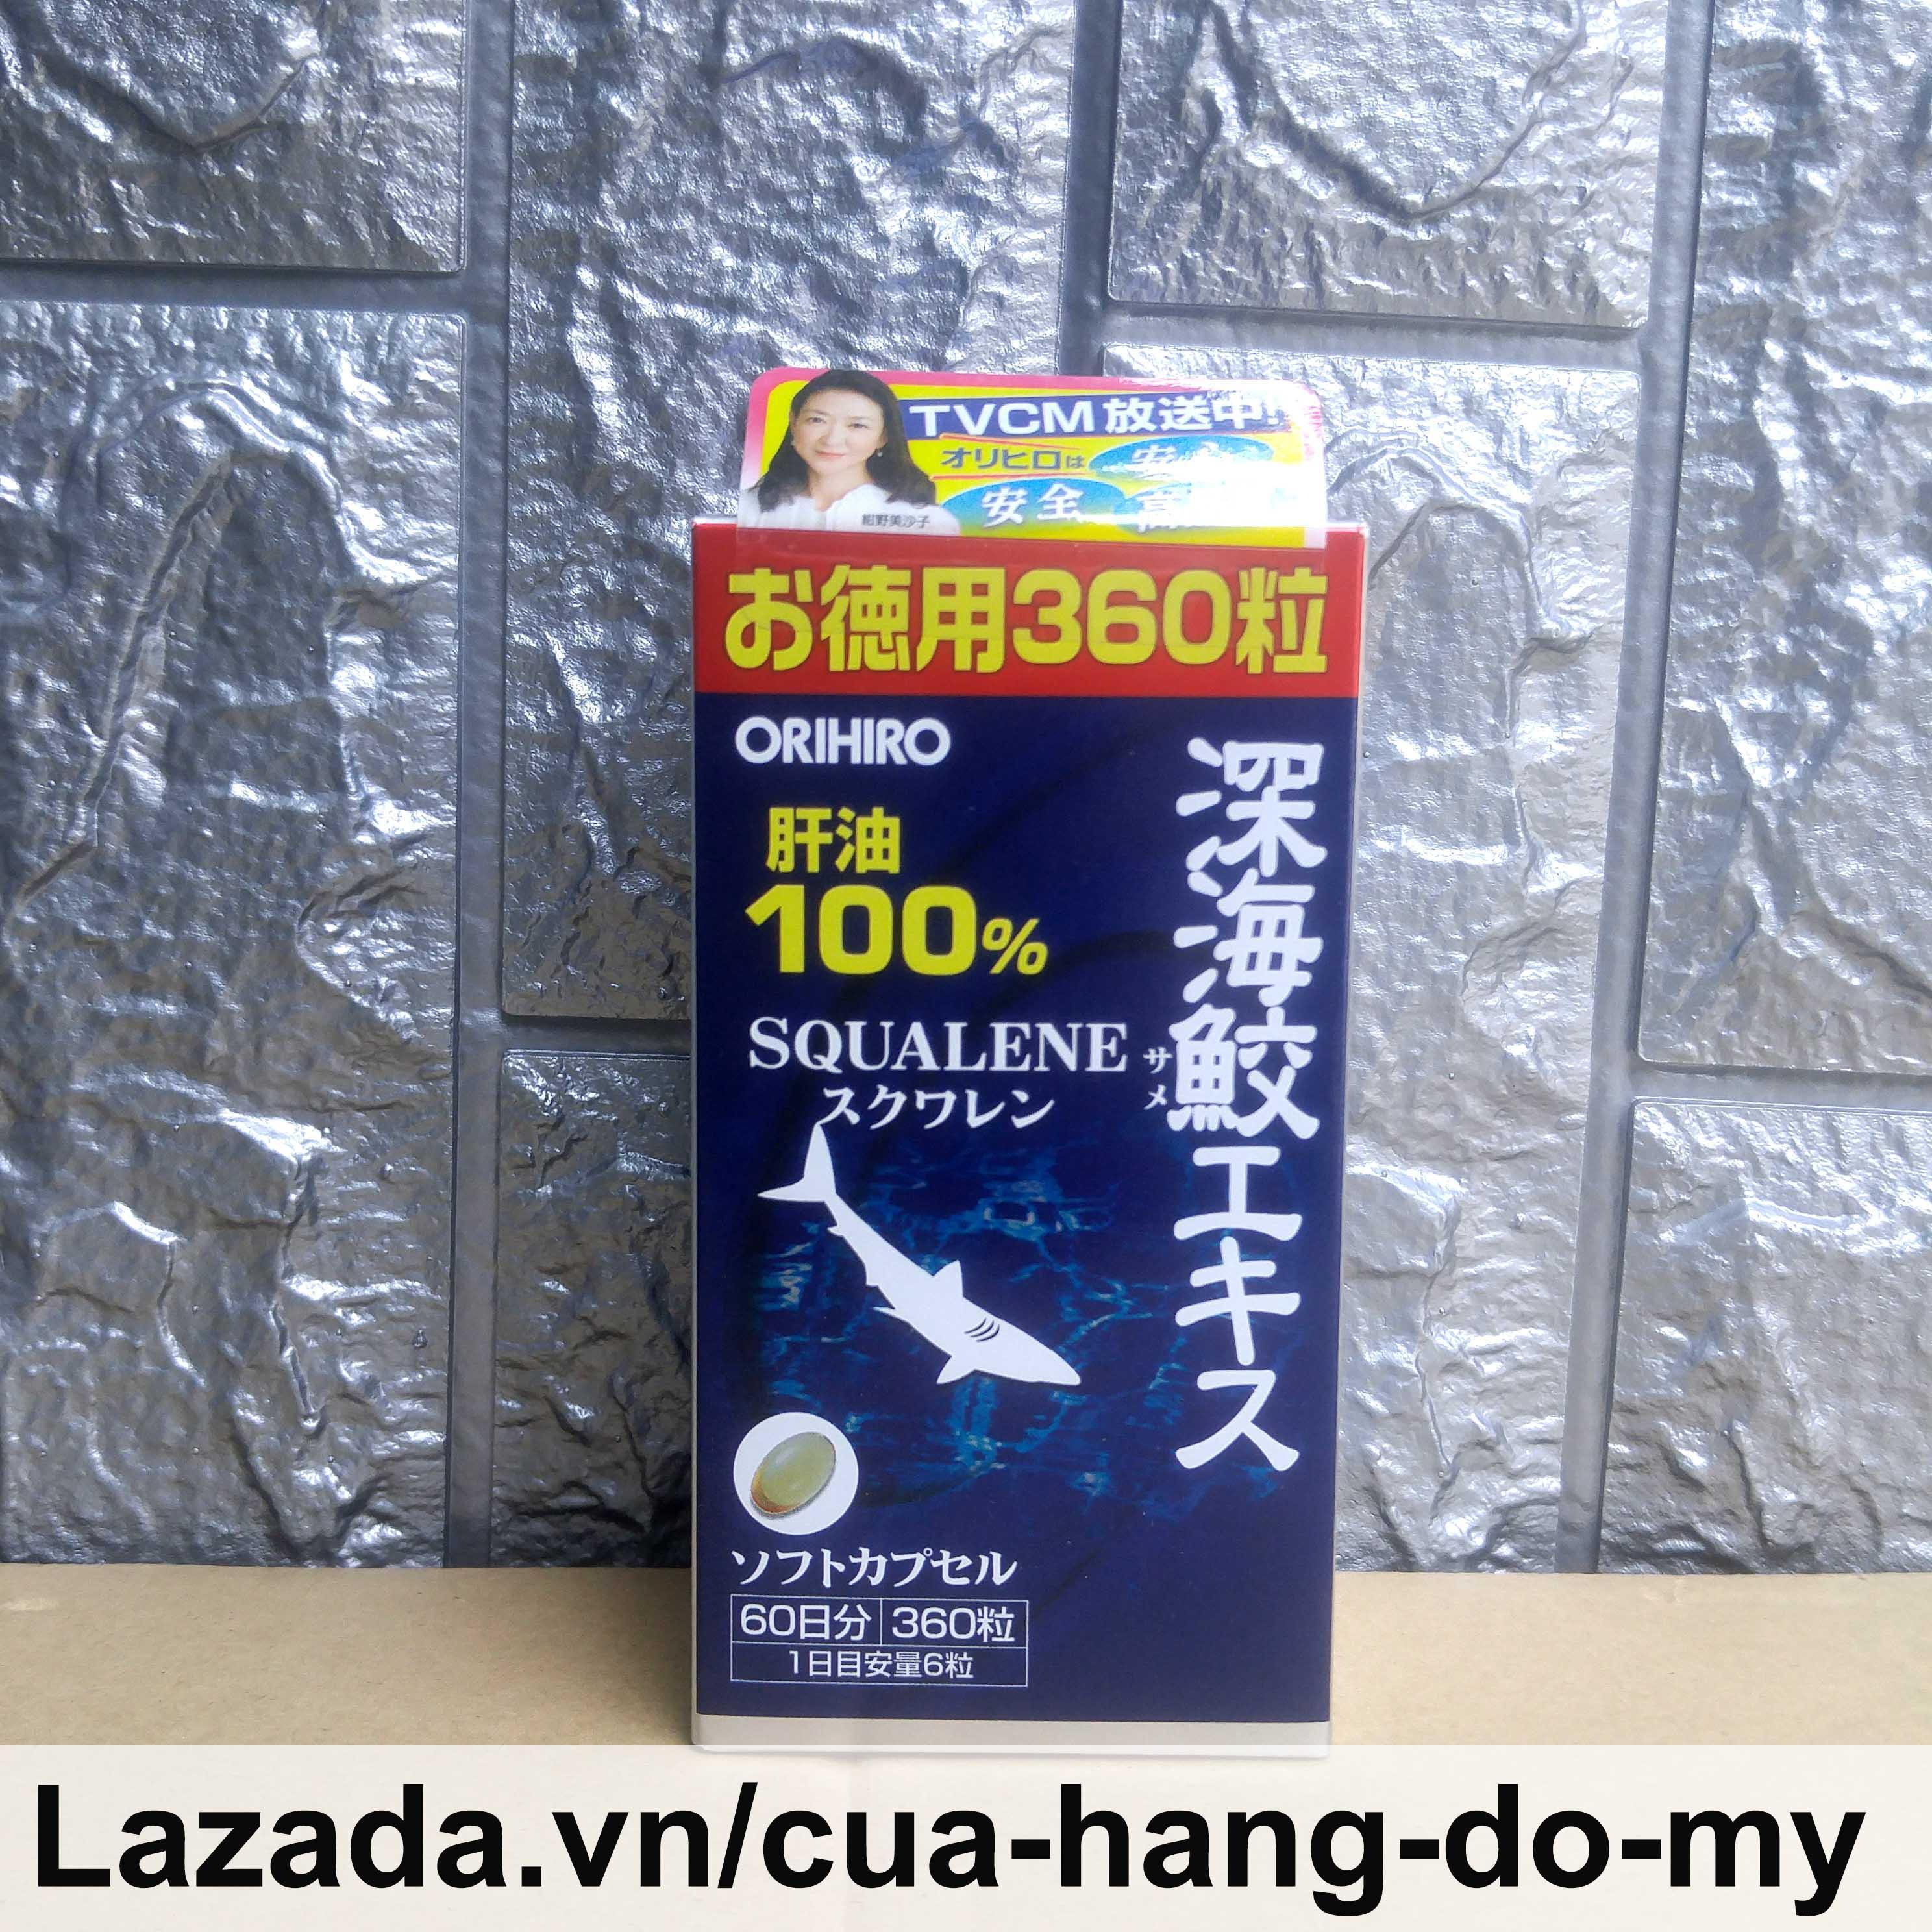 Viên uống Dầu Gan Cá Mập Sụn Vi Cá Mập Squalene Shark Orihiro 360 viên Nhật Bản nhập khẩu